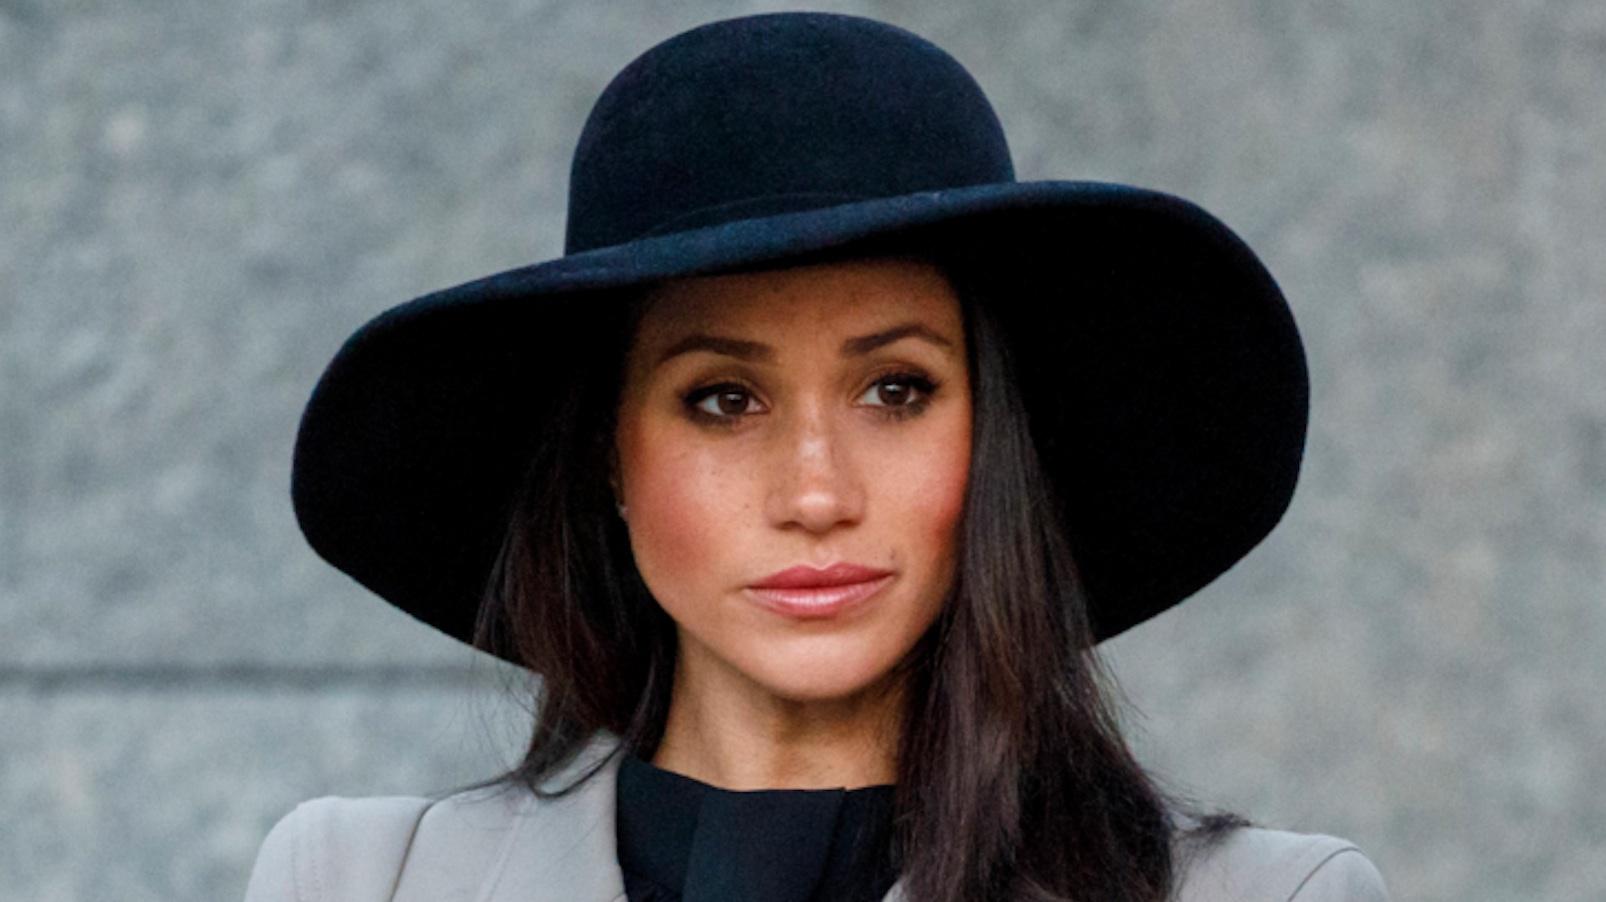 Royal Family, svelati i dettagli del battesimo di Archie: sarà assente la Regina